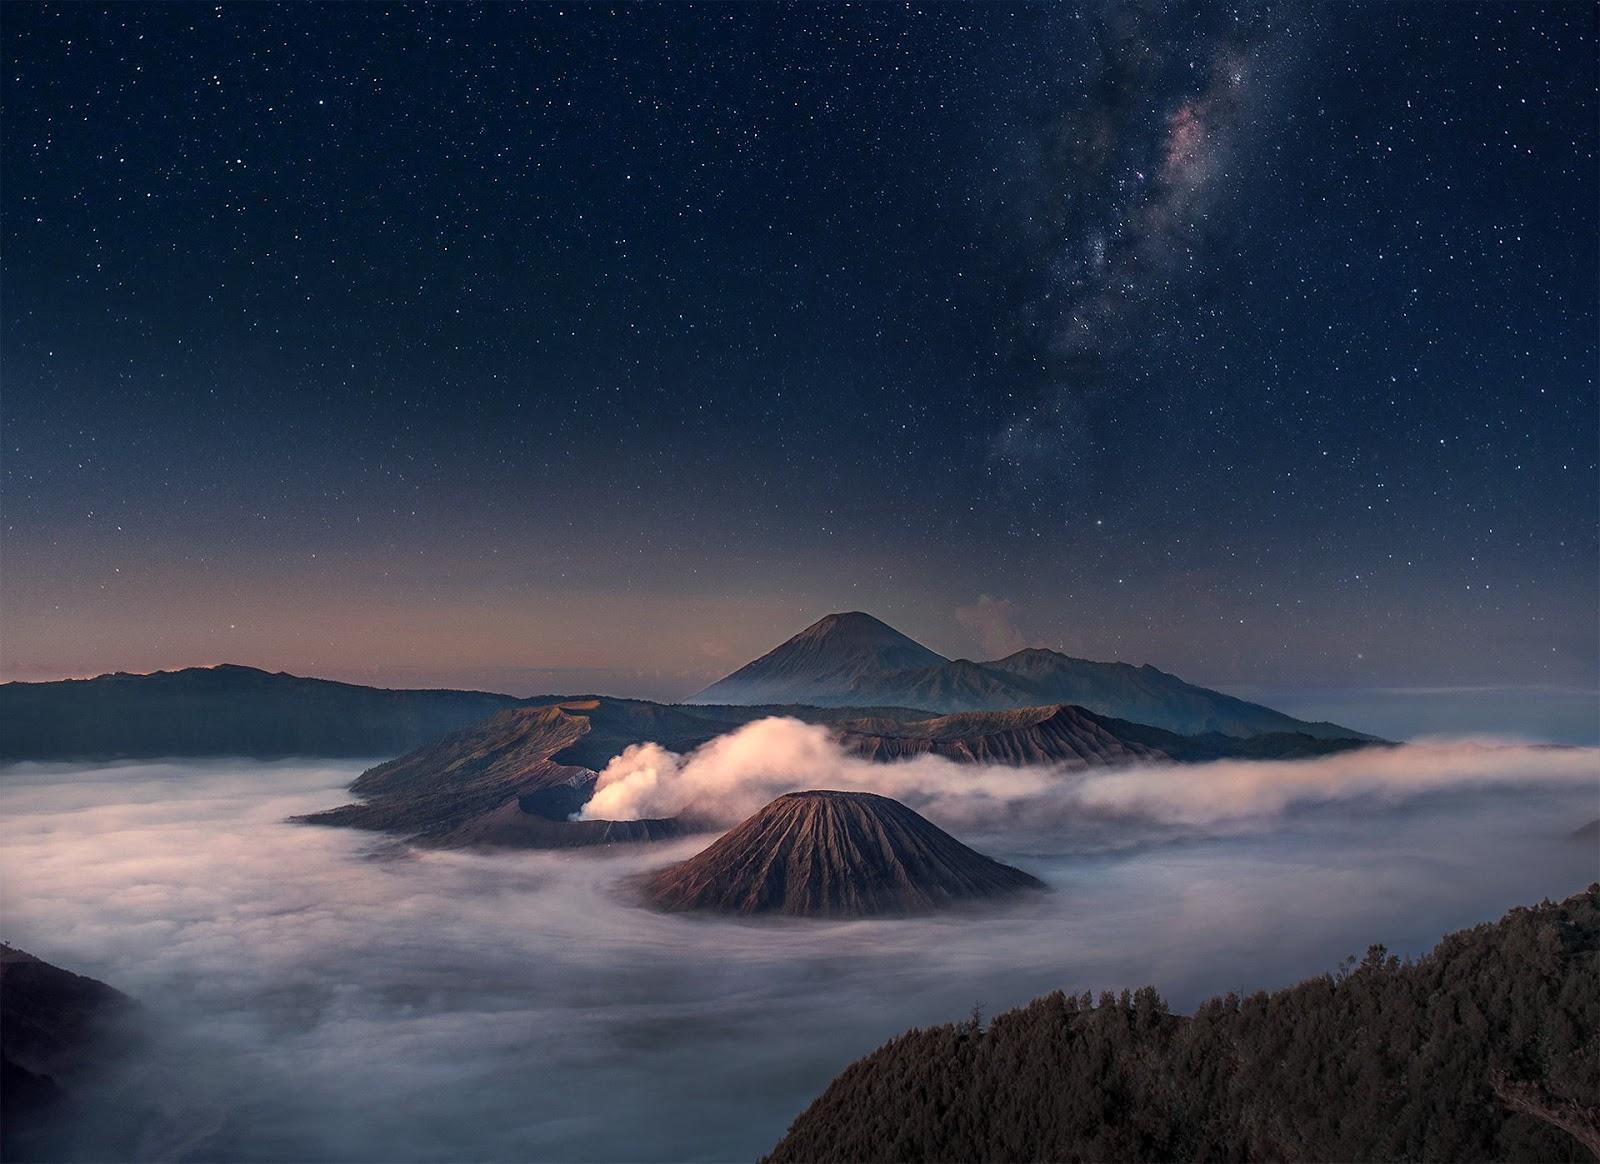 Pemandangan Alam Malam Hari Gunung Bromo